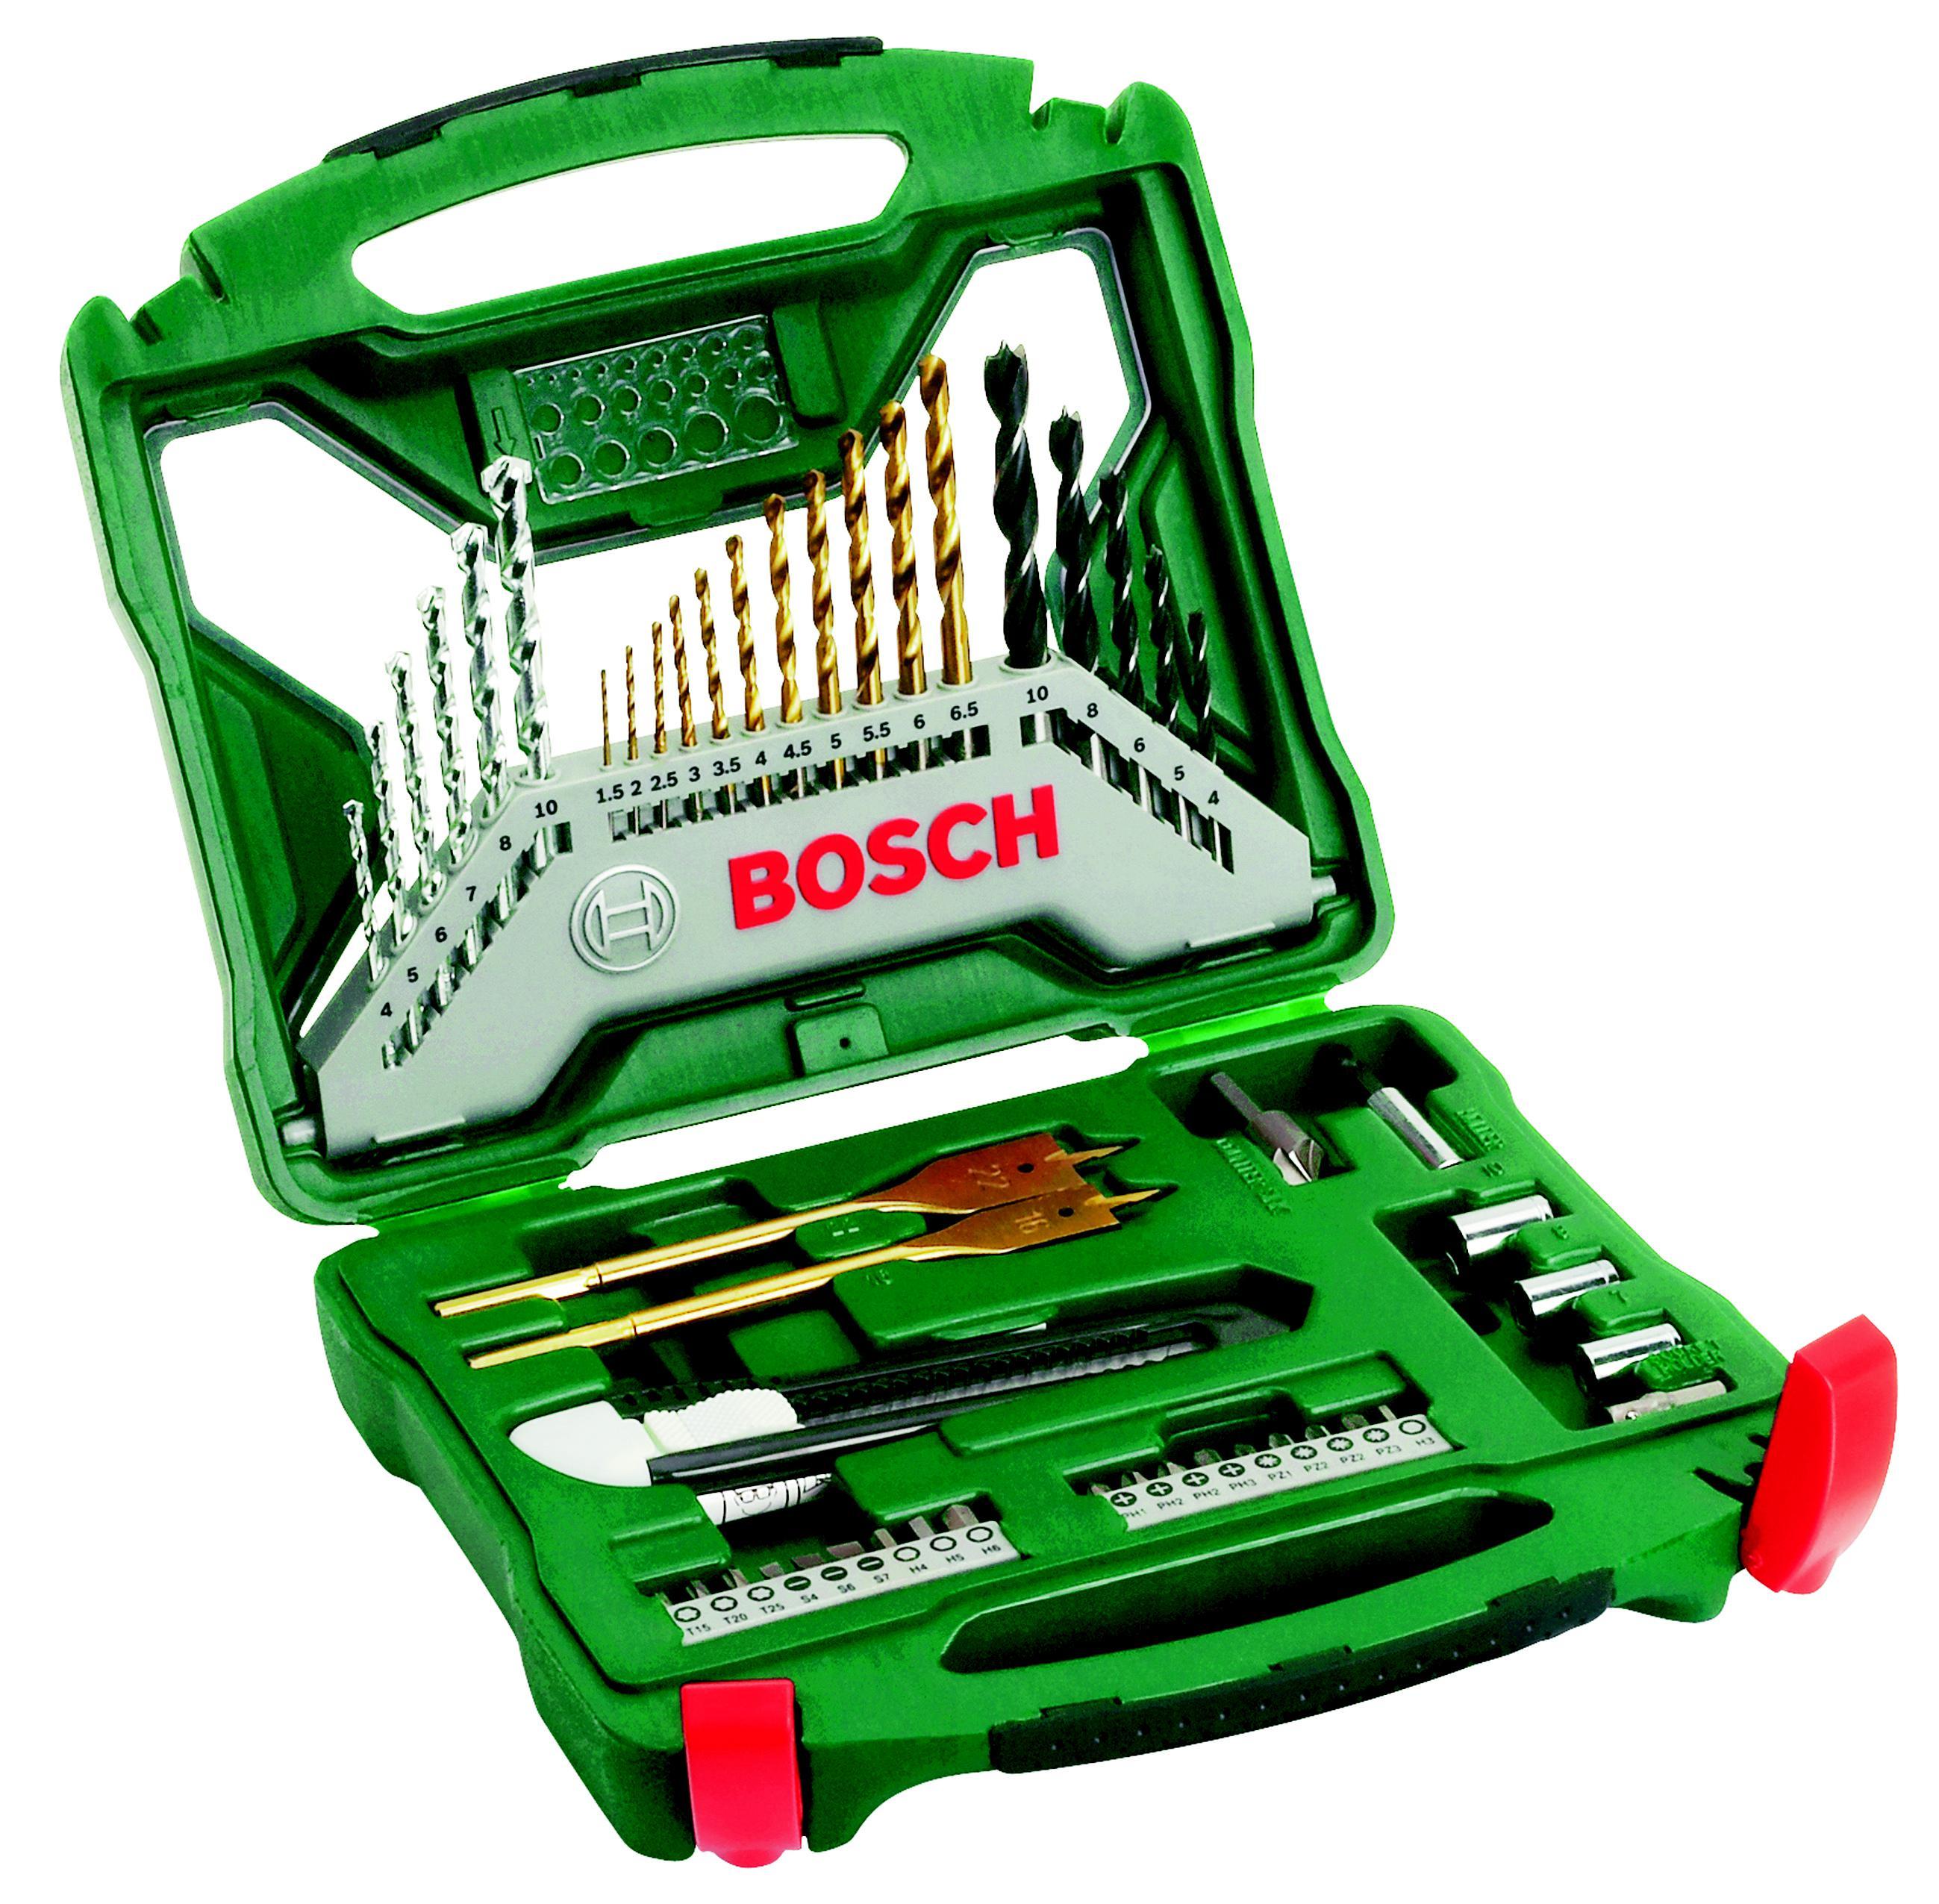 цена на Набор бит и сверл Bosch X-line 50 titanium (2.607.019.327)